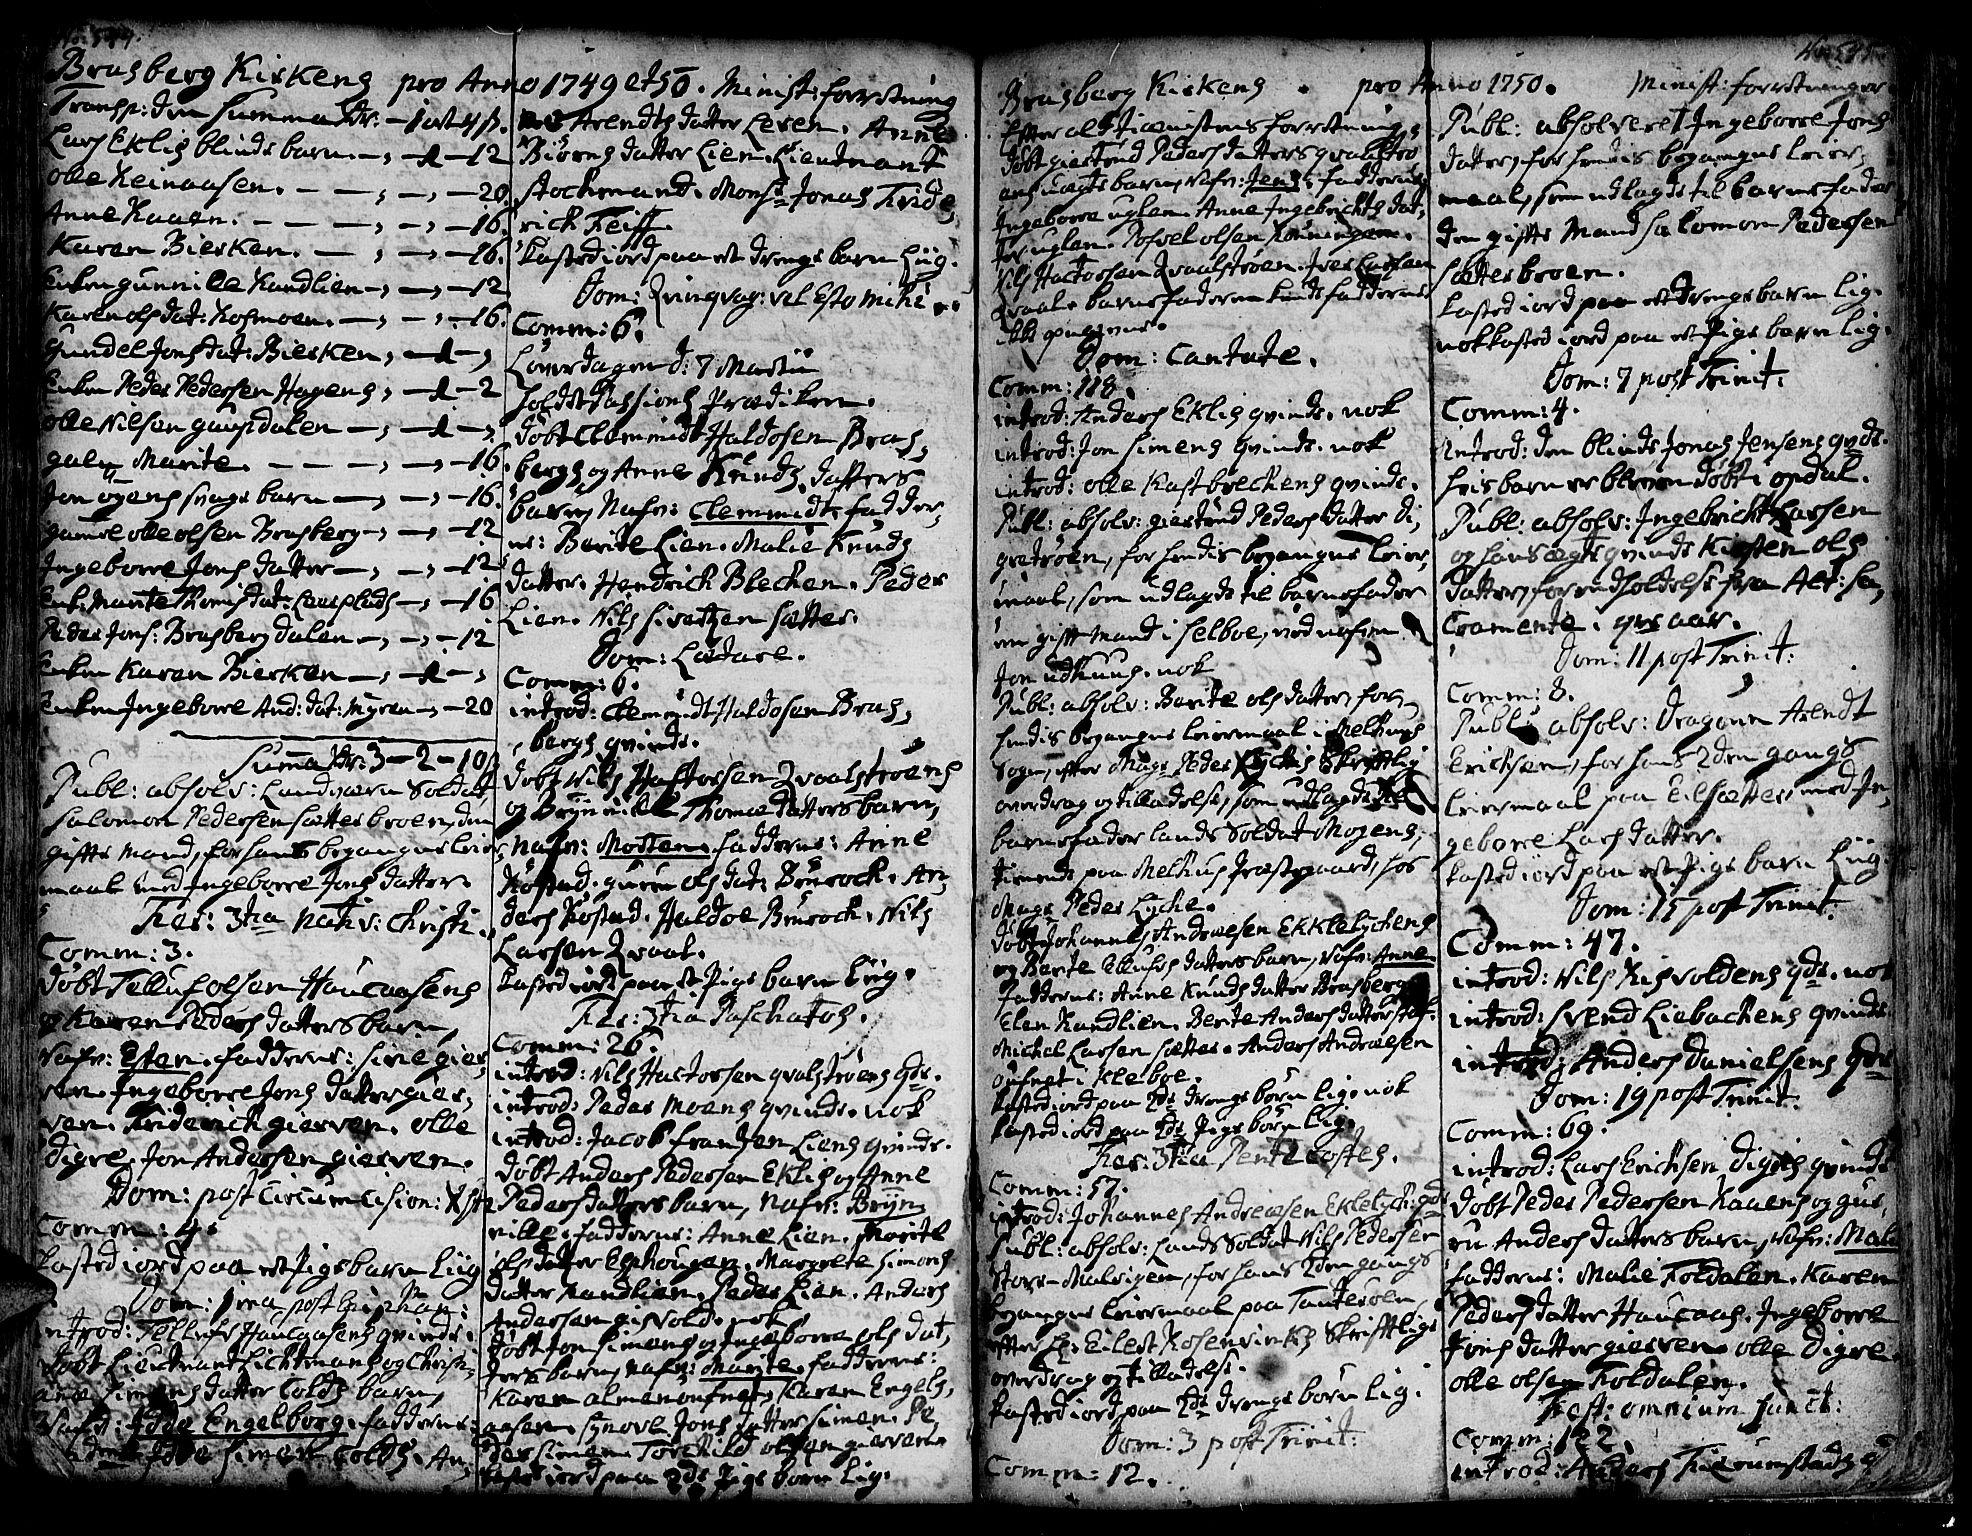 SAT, Ministerialprotokoller, klokkerbøker og fødselsregistre - Sør-Trøndelag, 606/L0278: Ministerialbok nr. 606A01 /4, 1727-1780, s. 544-545